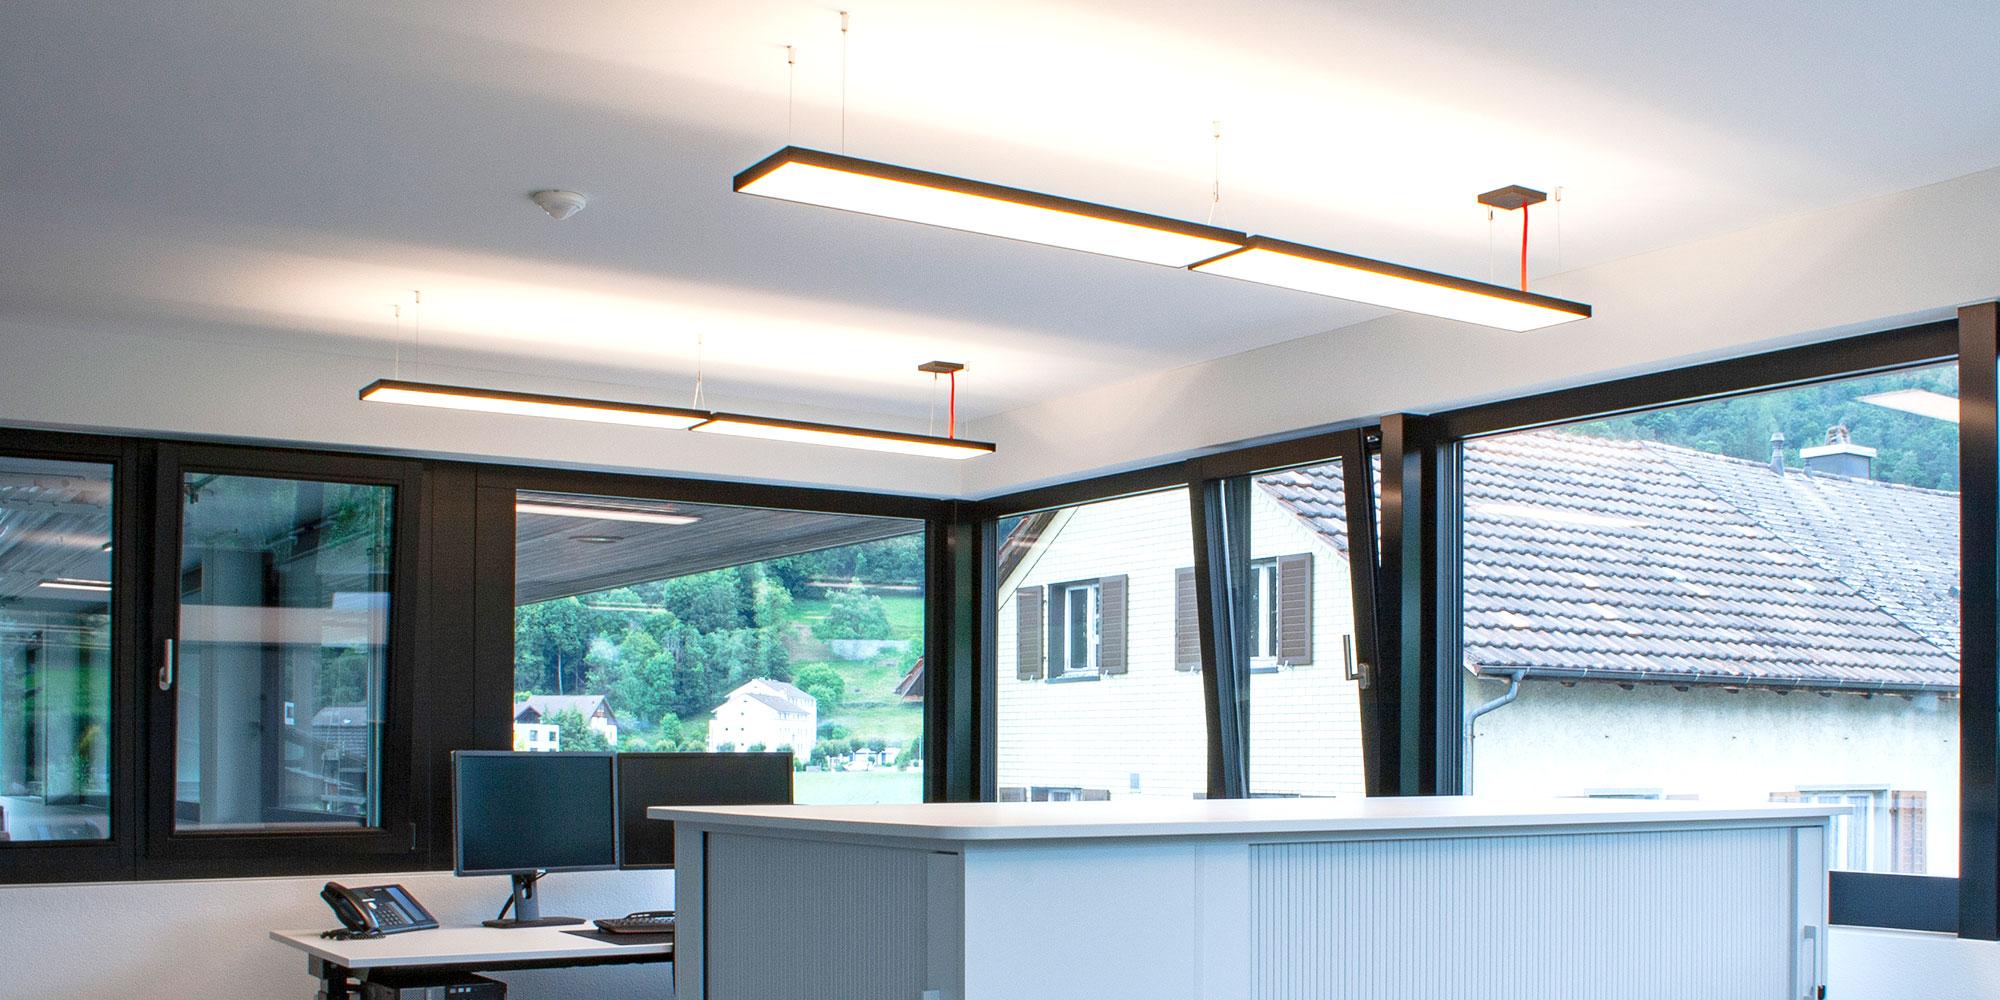 Weitere Büros der Wiederkehr elektro AG wurden mit Lightnet Cubic P4 Pendelleuchten ausgestattet. Die Farben des Corporate Identity wurden in der Gehäusefarbe und dem Kabel gewählt.